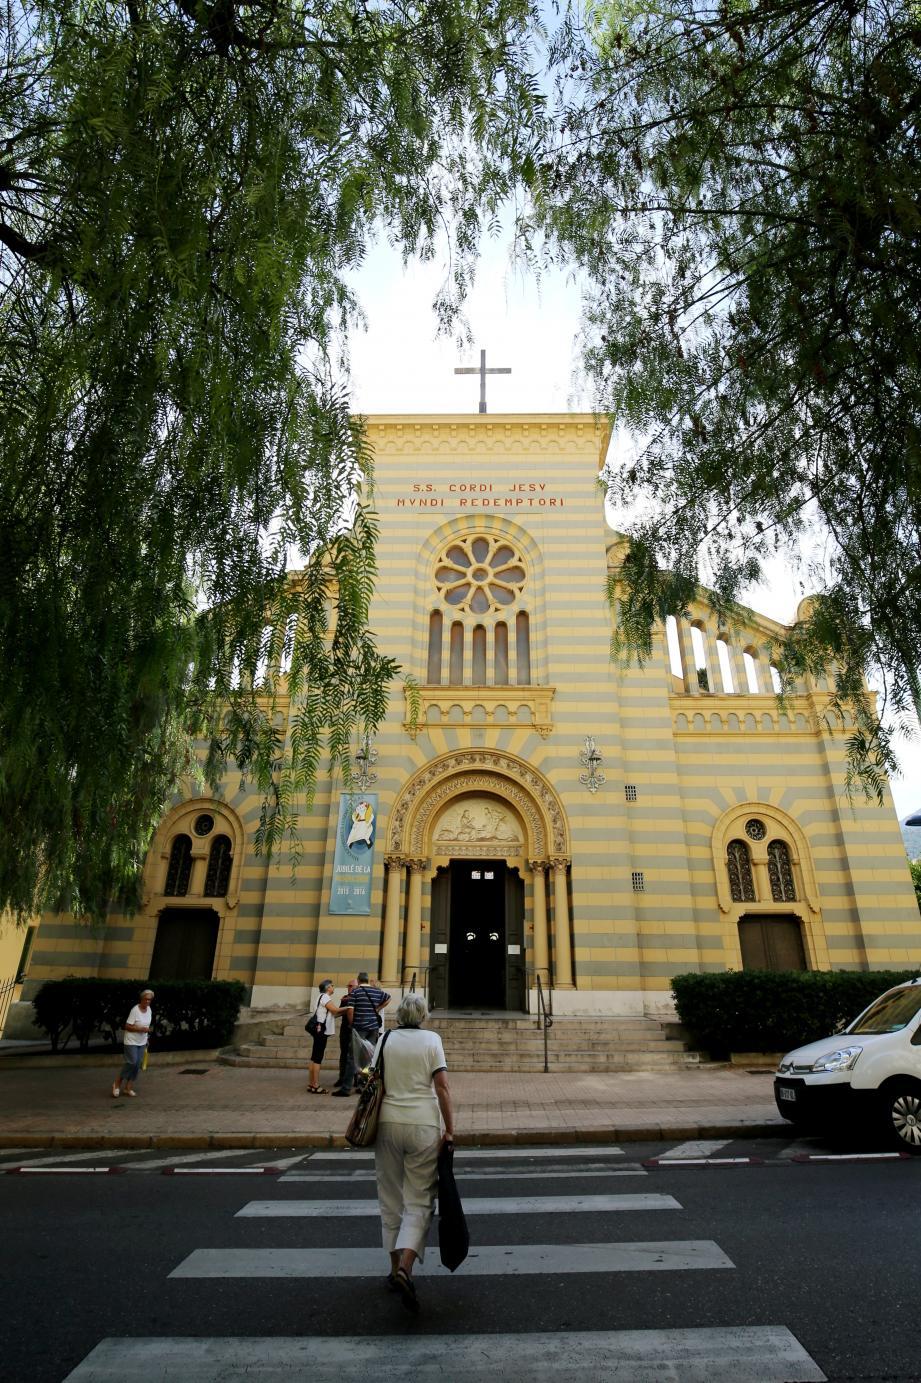 Les cloches sonneront jeudi à 20h et dimanche à 11h dans toutes les églises comme à celle du Sacré Coeur de Menton.